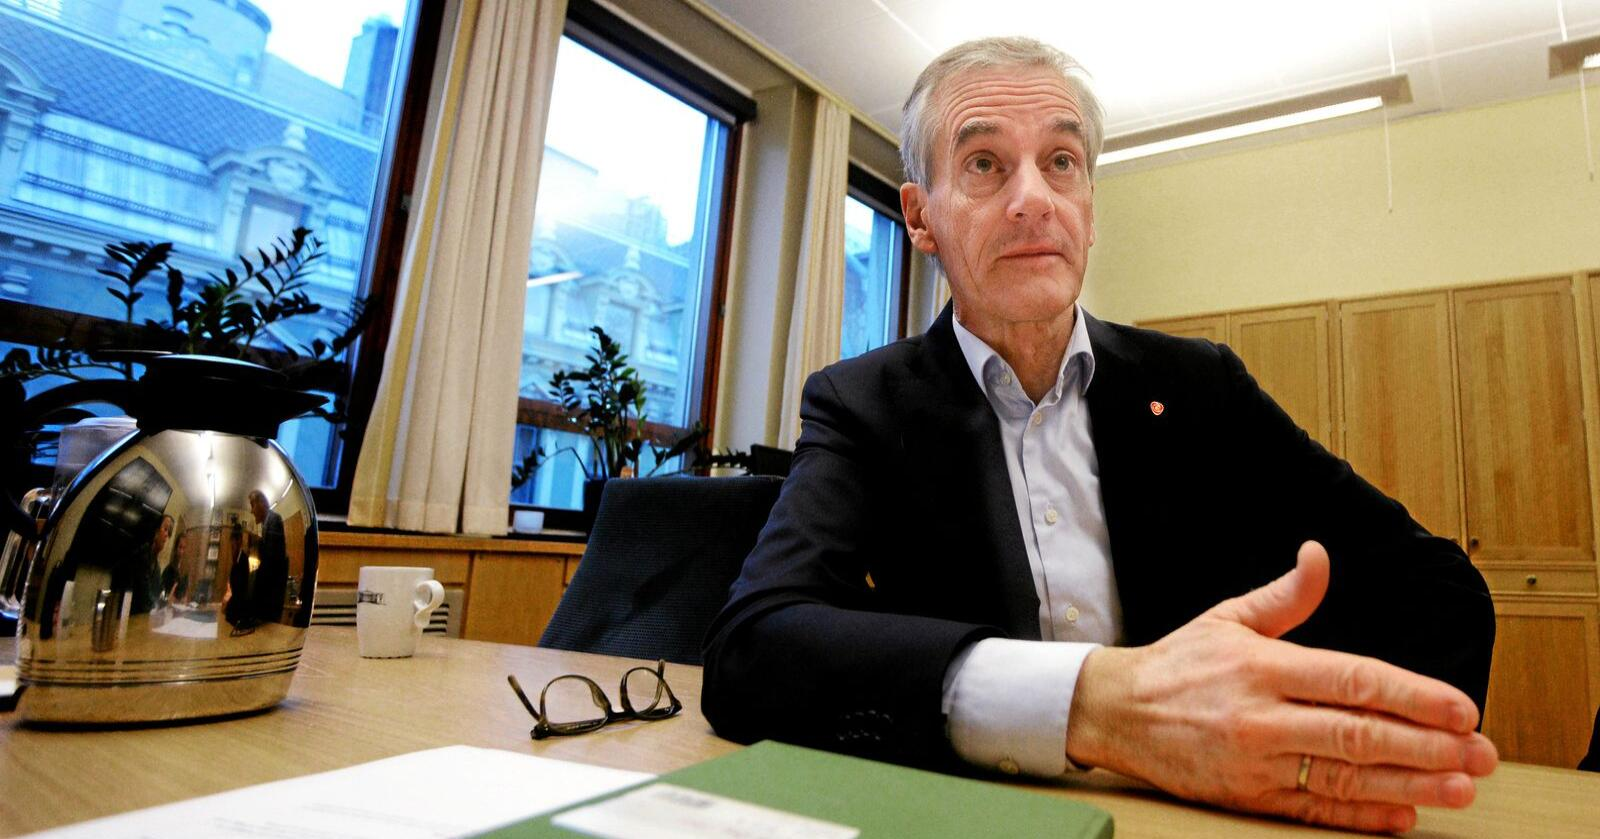 Kvotehandel: Arbeiderpartiets leder Jonas Gahr Støre mener Norge kan gjøre opp for egne utslipp ved å kjøpe og slette kvoter fra EUs kvotesystem. Foto: Siri Juell Rasmussen